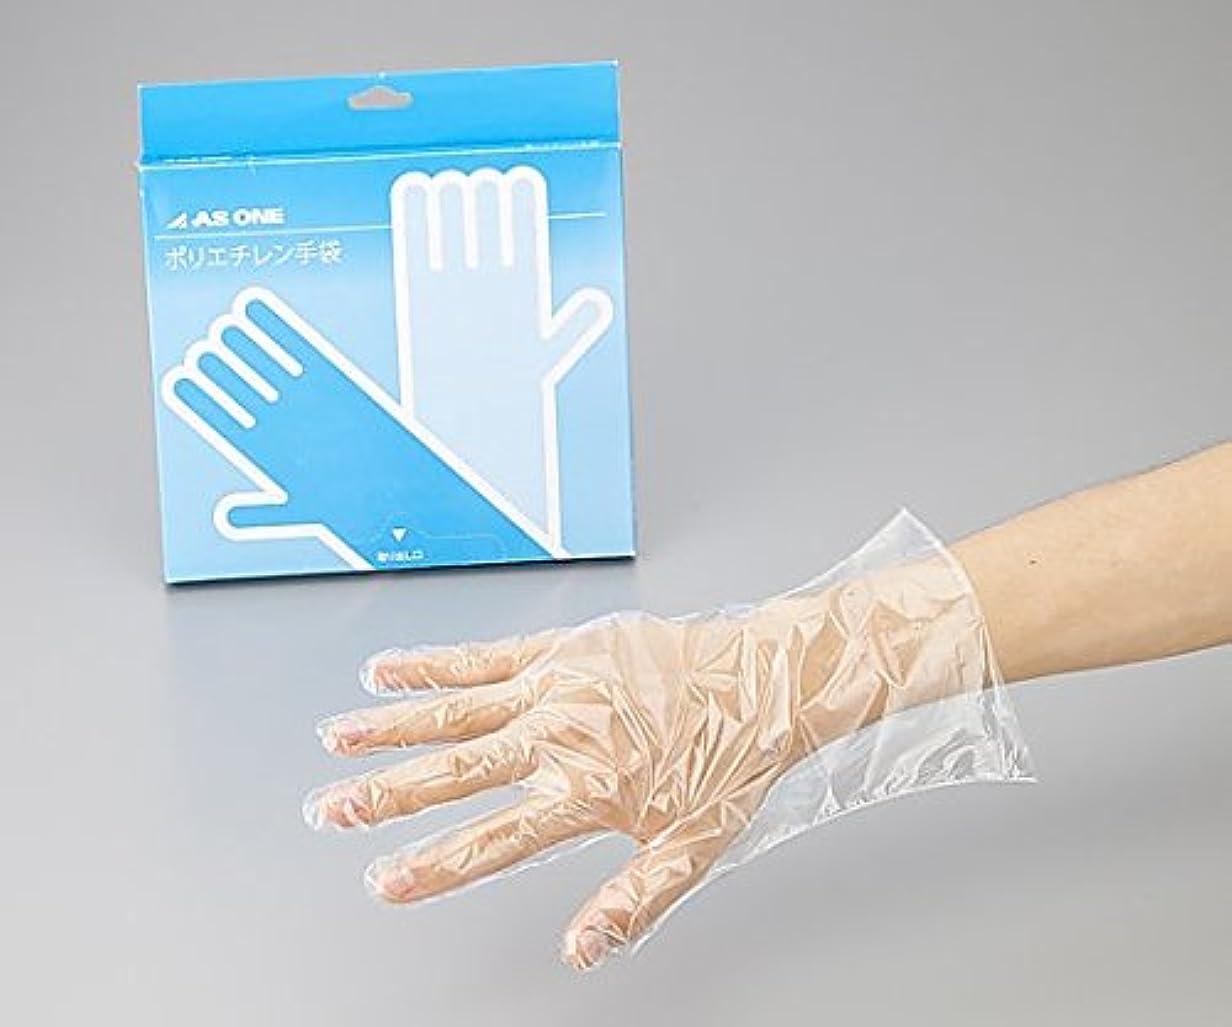 議論するリベラル評価アズワン2-4972-03ポリエチレン手袋エコノミー薄手S100枚入